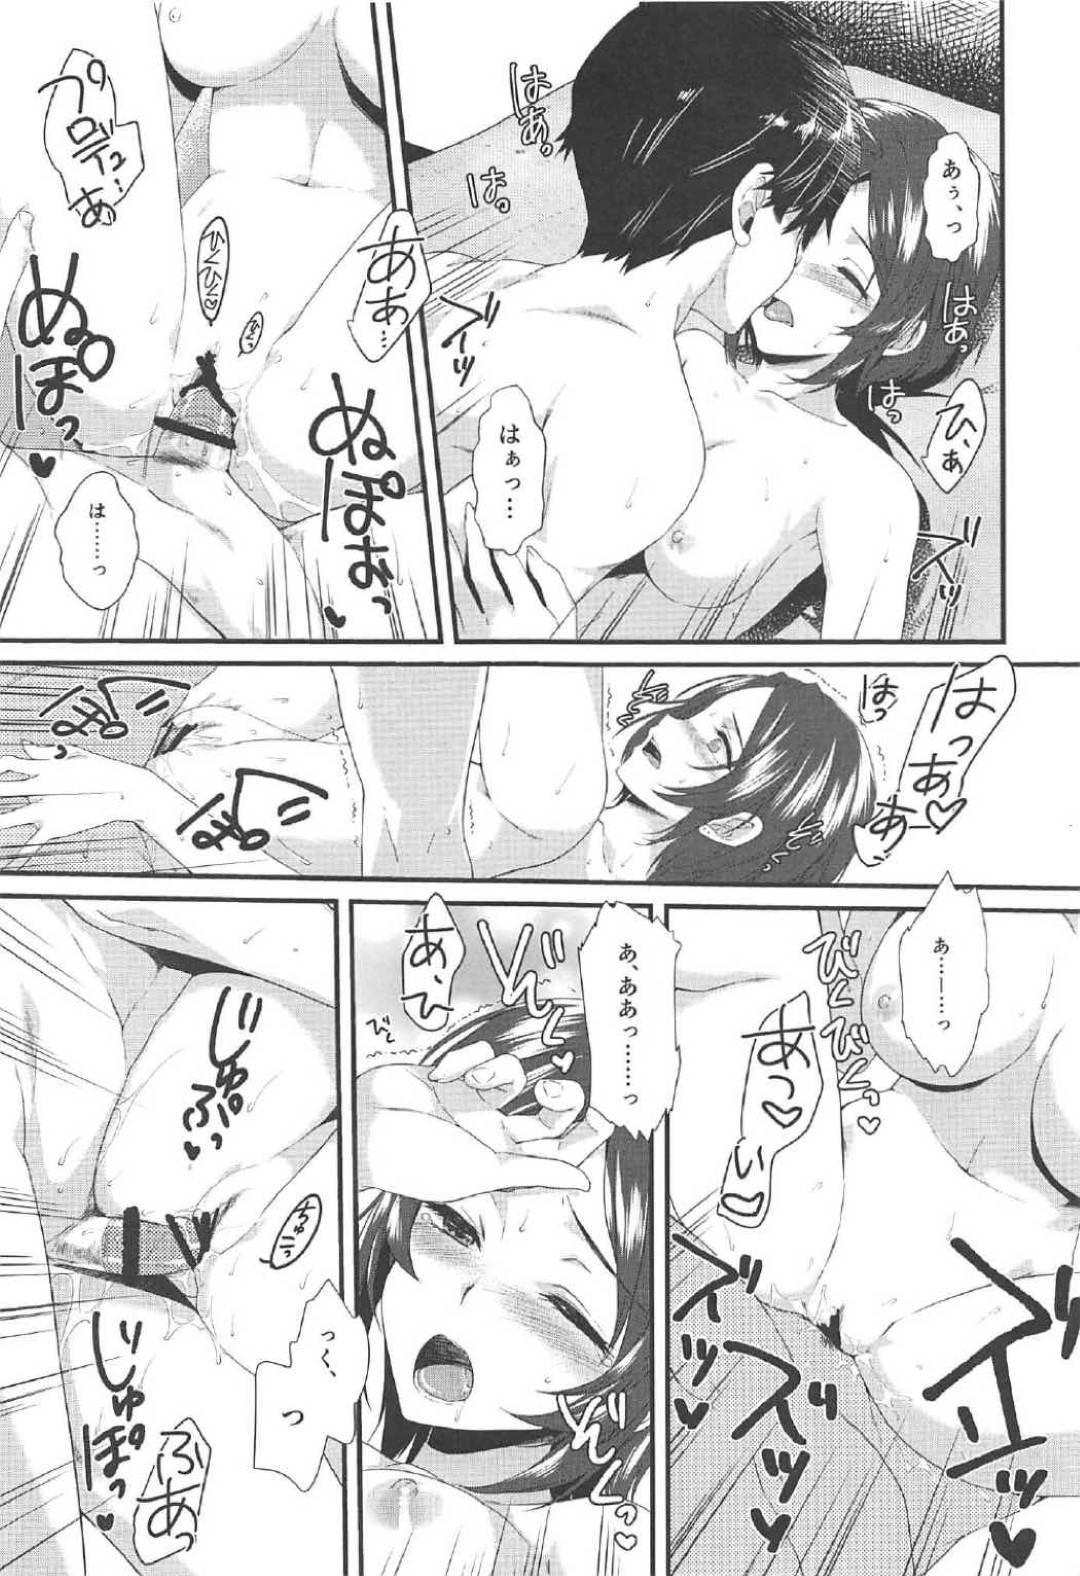 【エロ漫画】プロデューサーとおうちデートでエッチな展開となってしまったアイドルの奏。彼から求められてすっかりその気になった彼女はディープキスしたり、ご奉仕するように手コキやフェラなどをしてイチャラブセックスする!